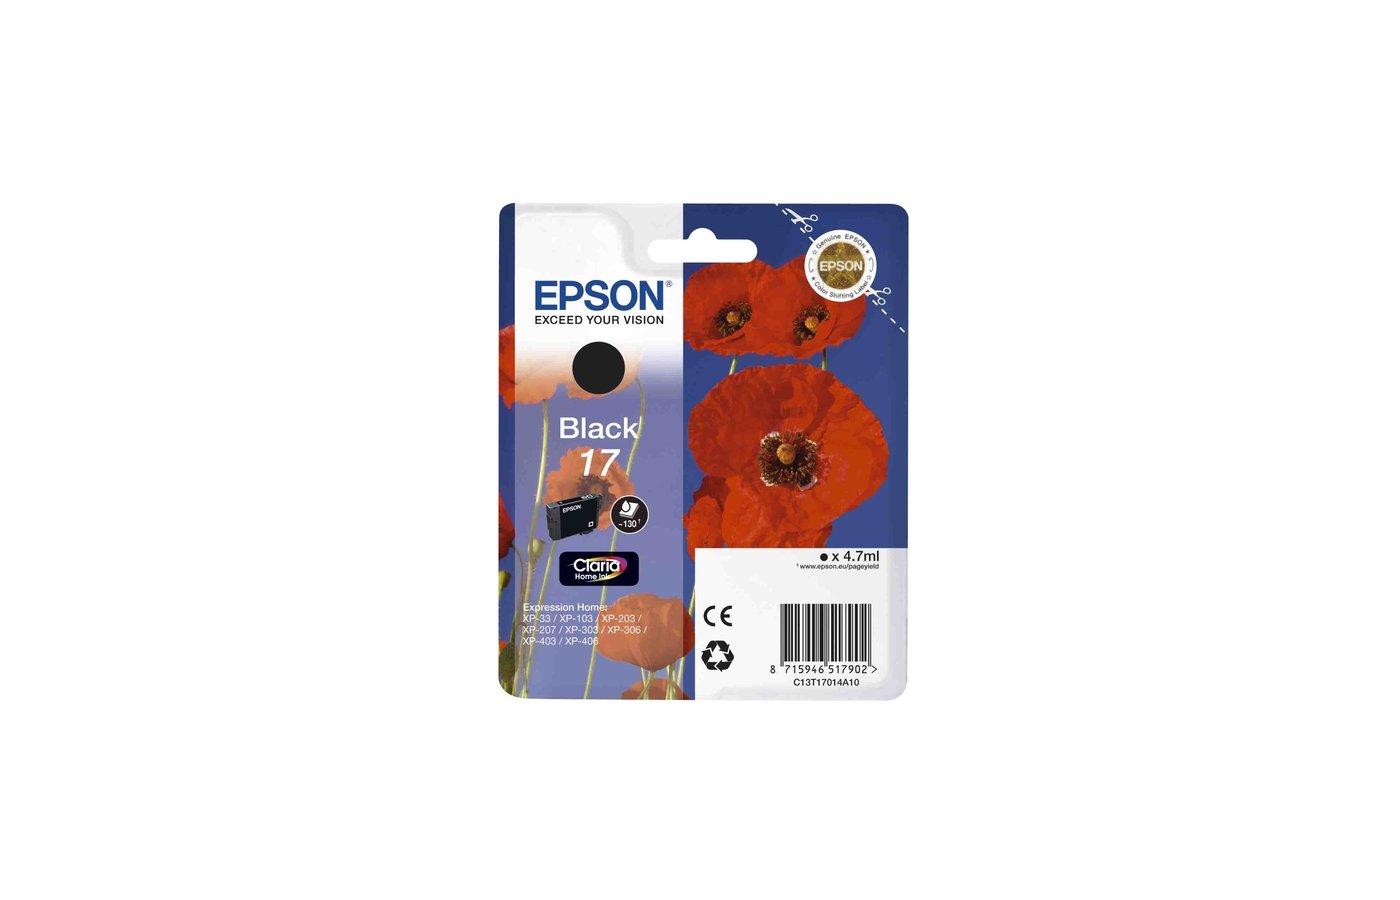 Картридж струйный Epson C13T17014A10 картридж (Black для XP33/203/303 (черный))